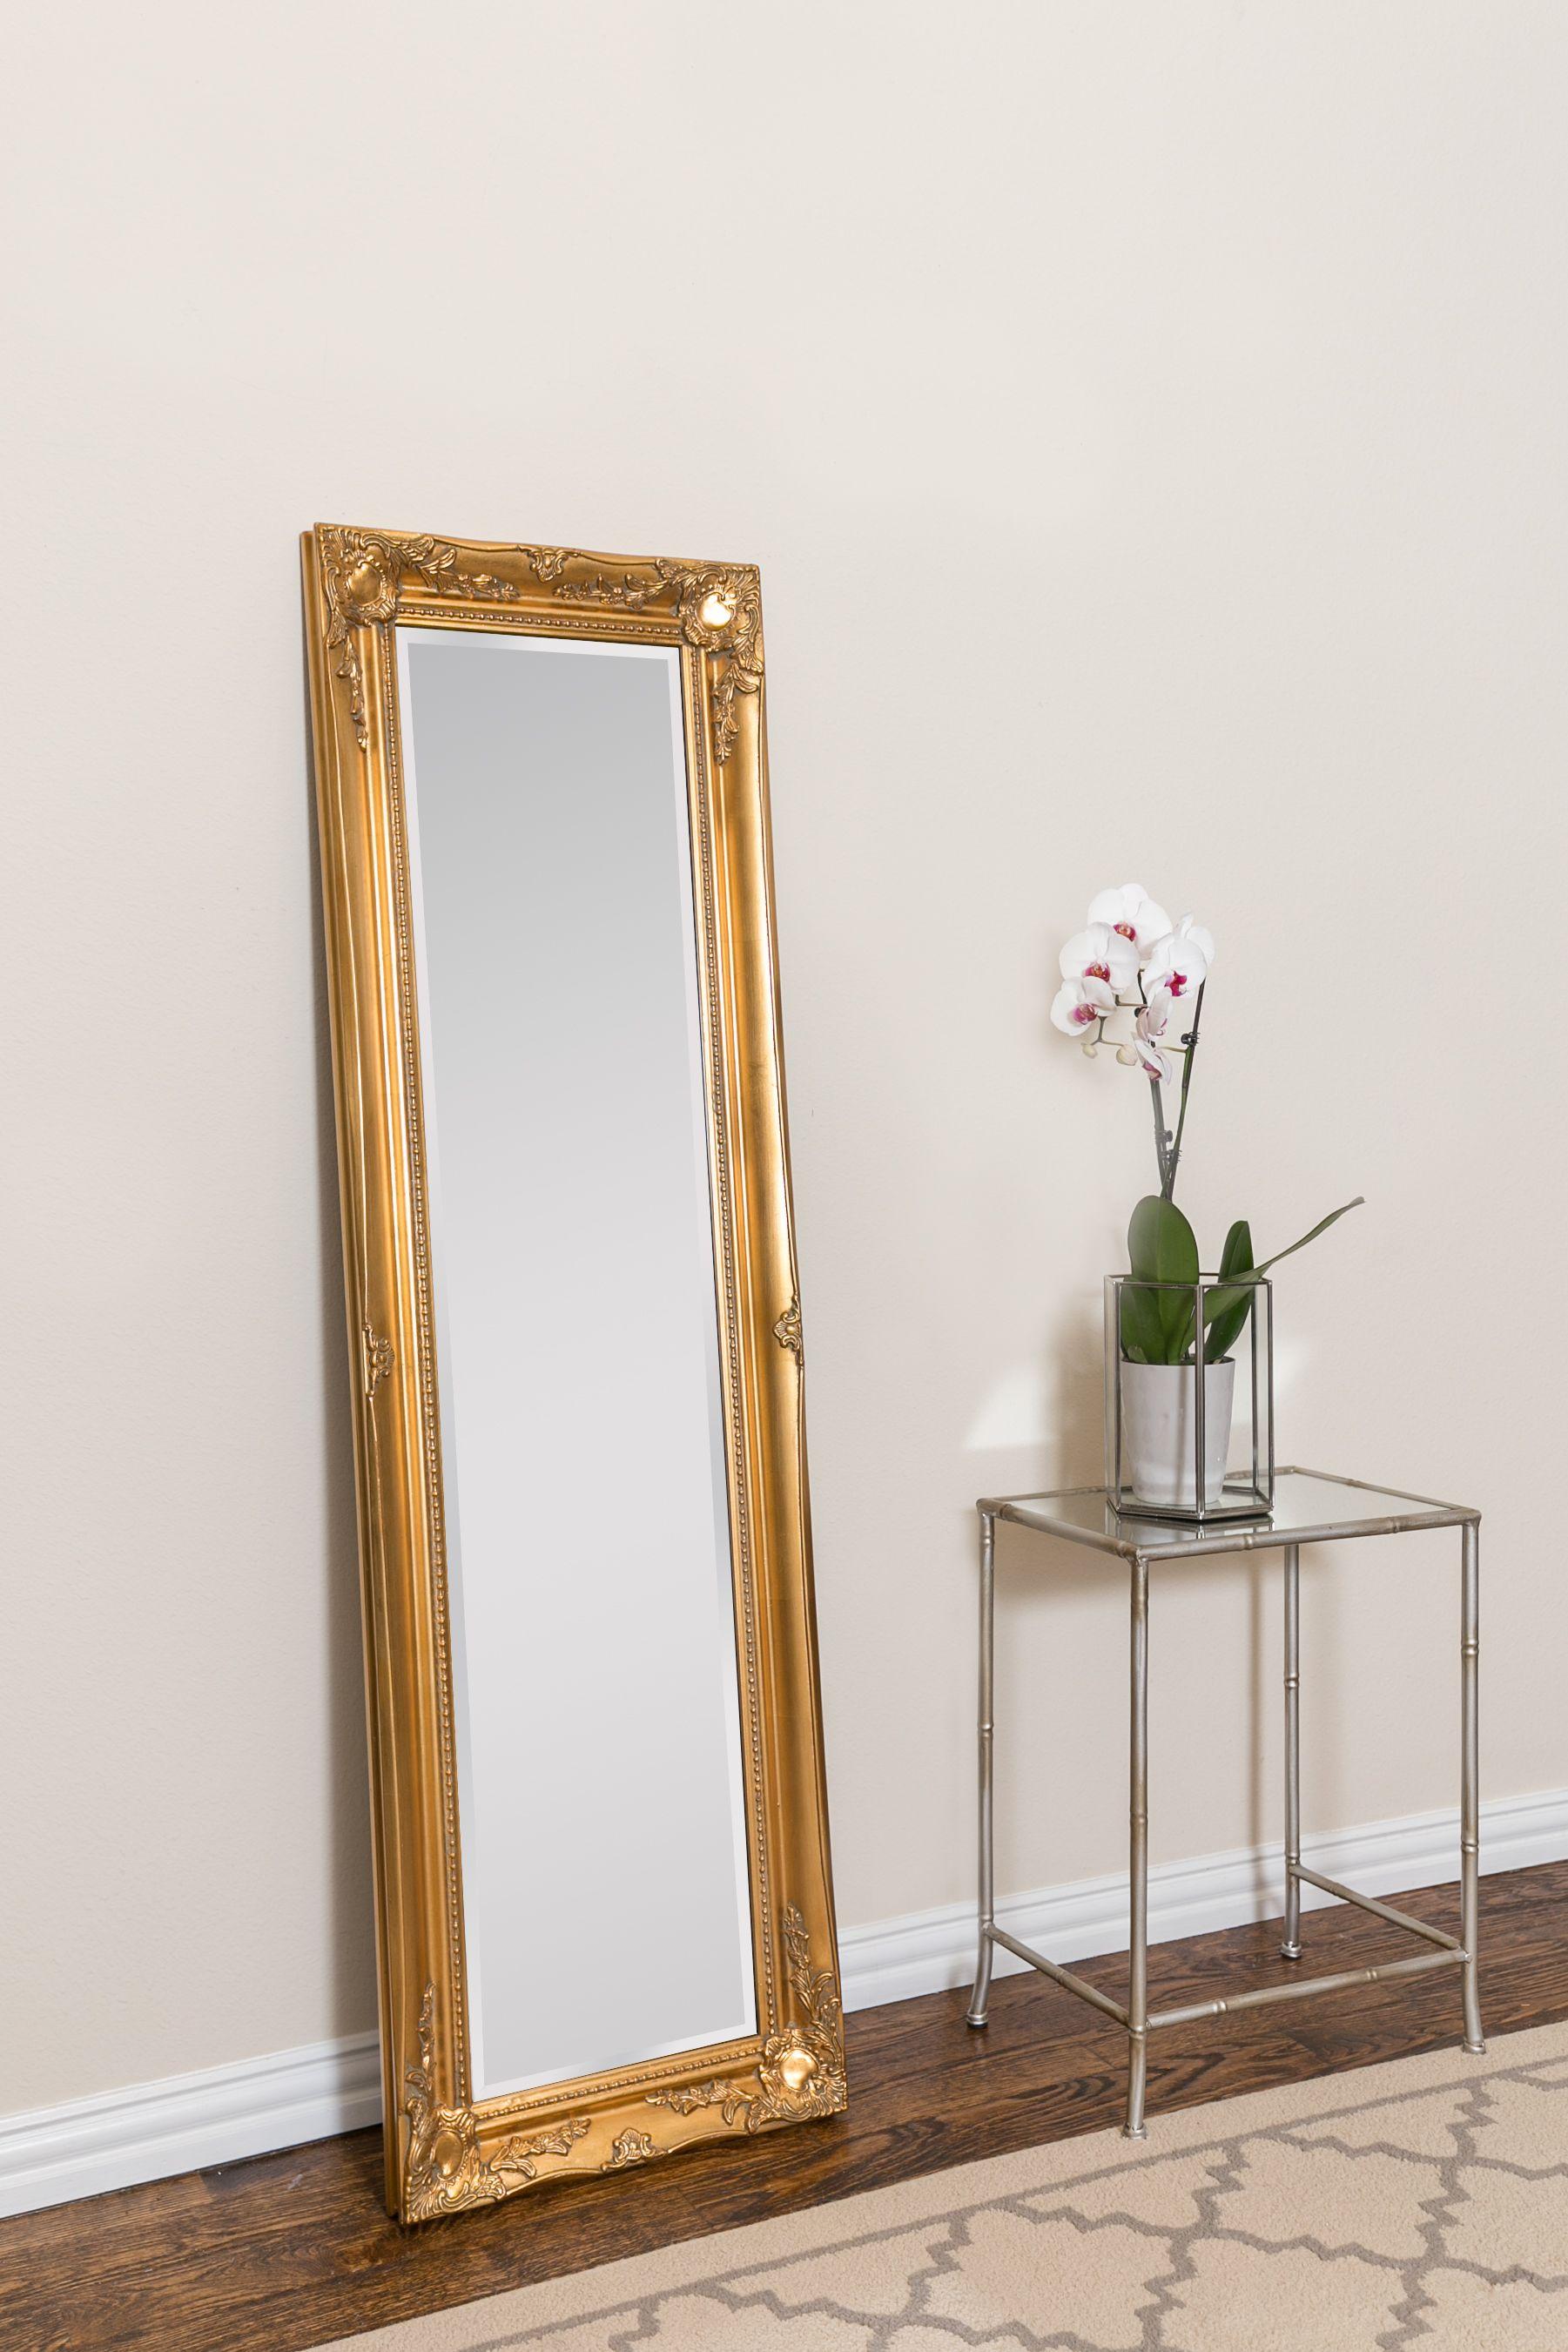 Floor Length Mirror Wall Decor